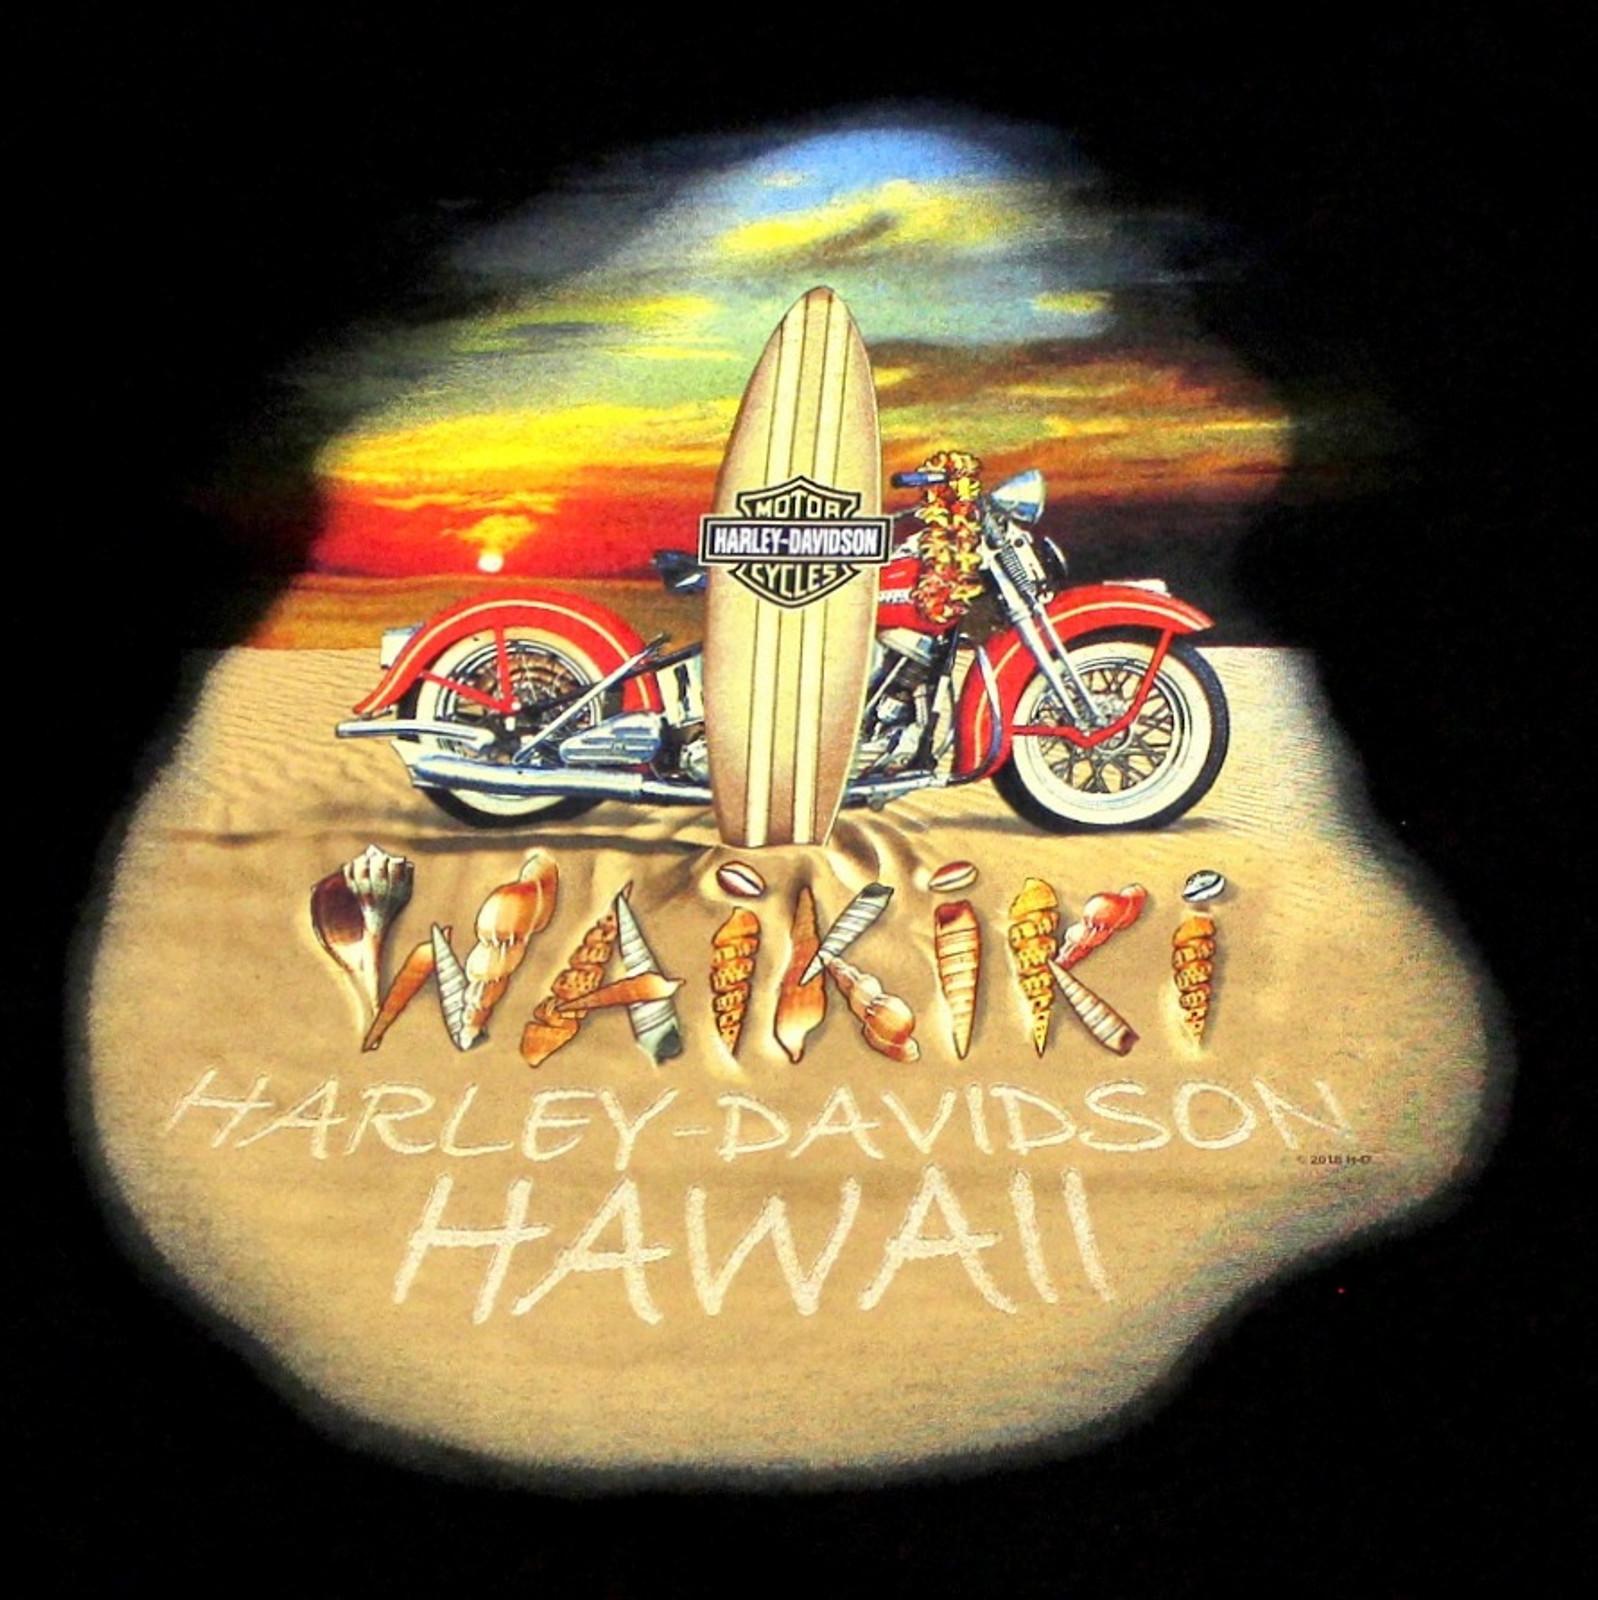 Waikiki Surfboard V-neck